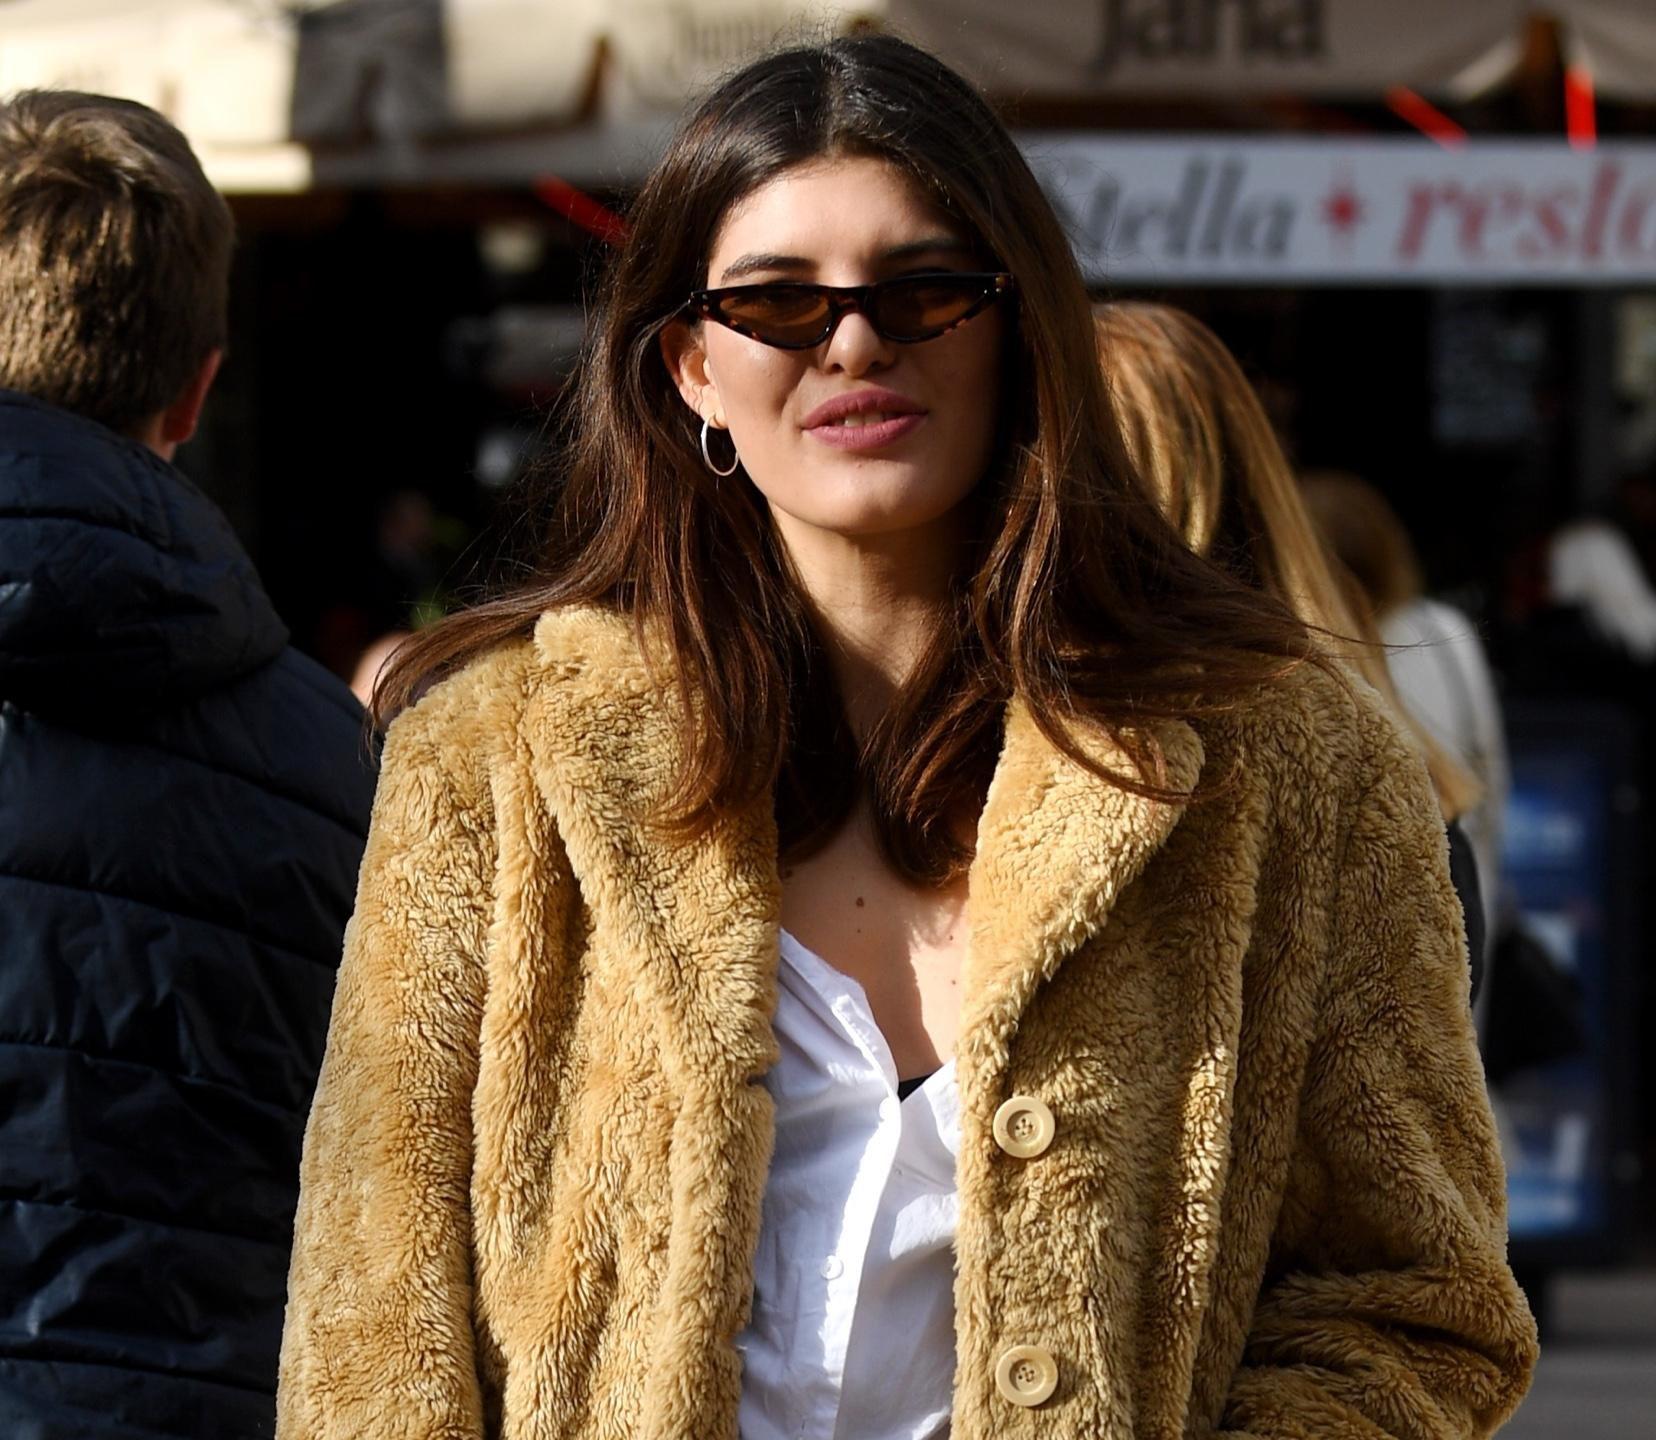 Ona nosi torbu kakvu nemamo priliku često vidjeti na zagrebačkim ulicama